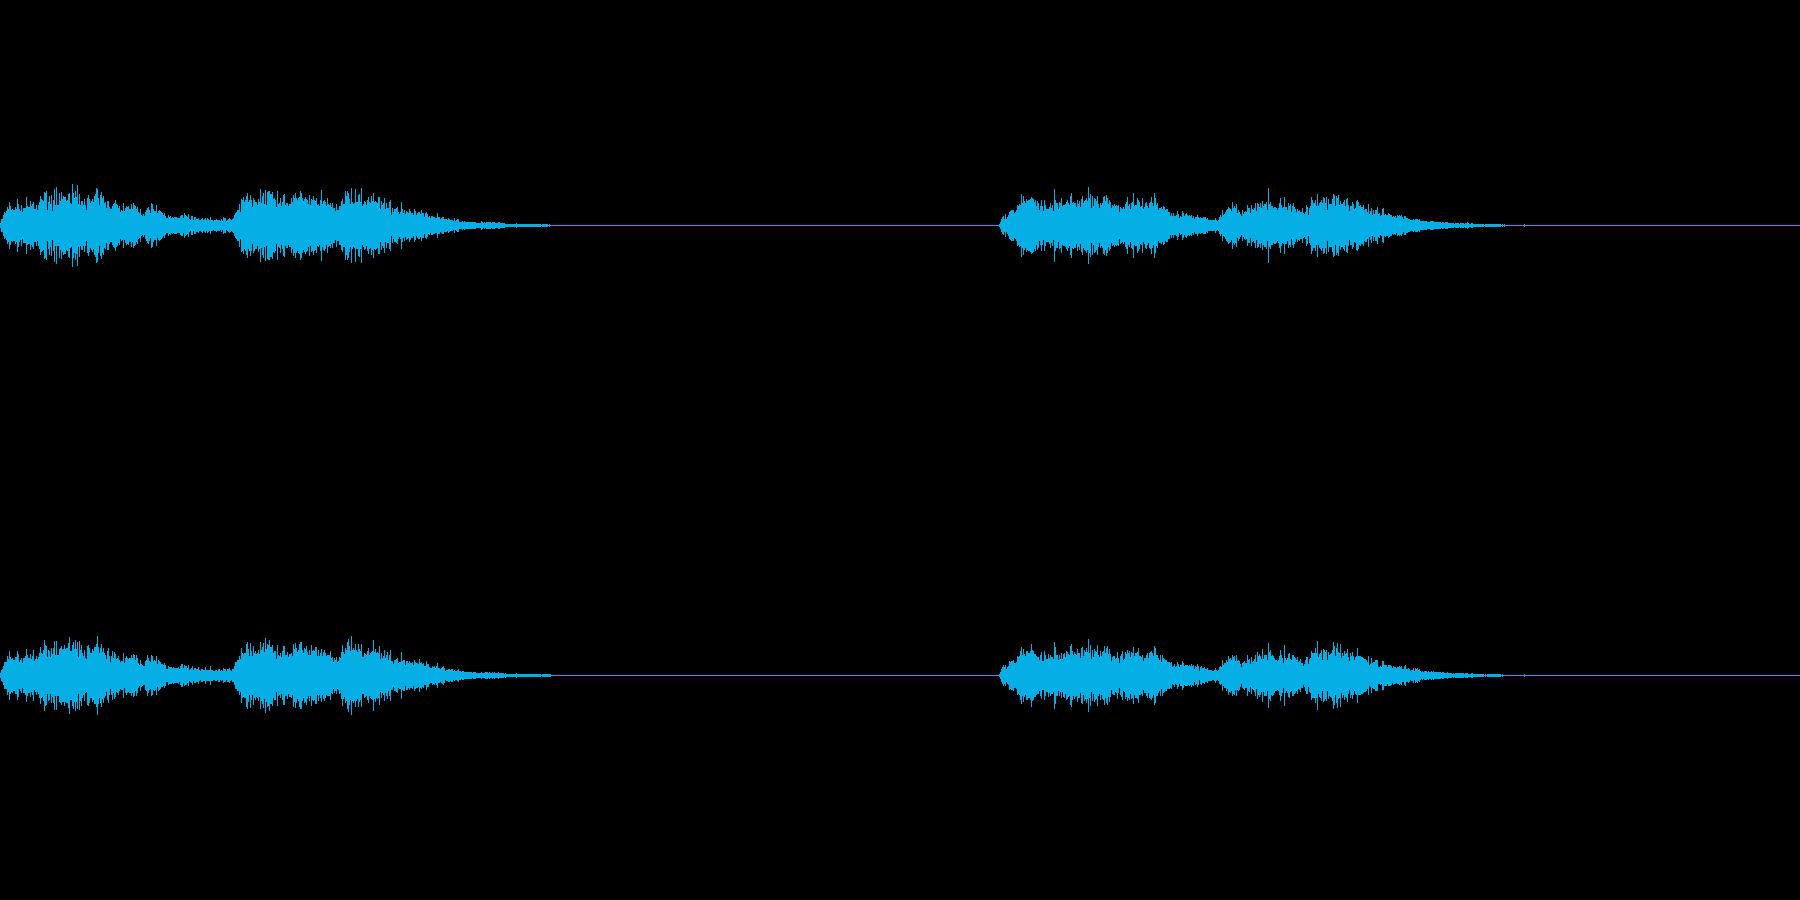 賽銭箱のところにあるガラガラ(本坪鈴)の再生済みの波形